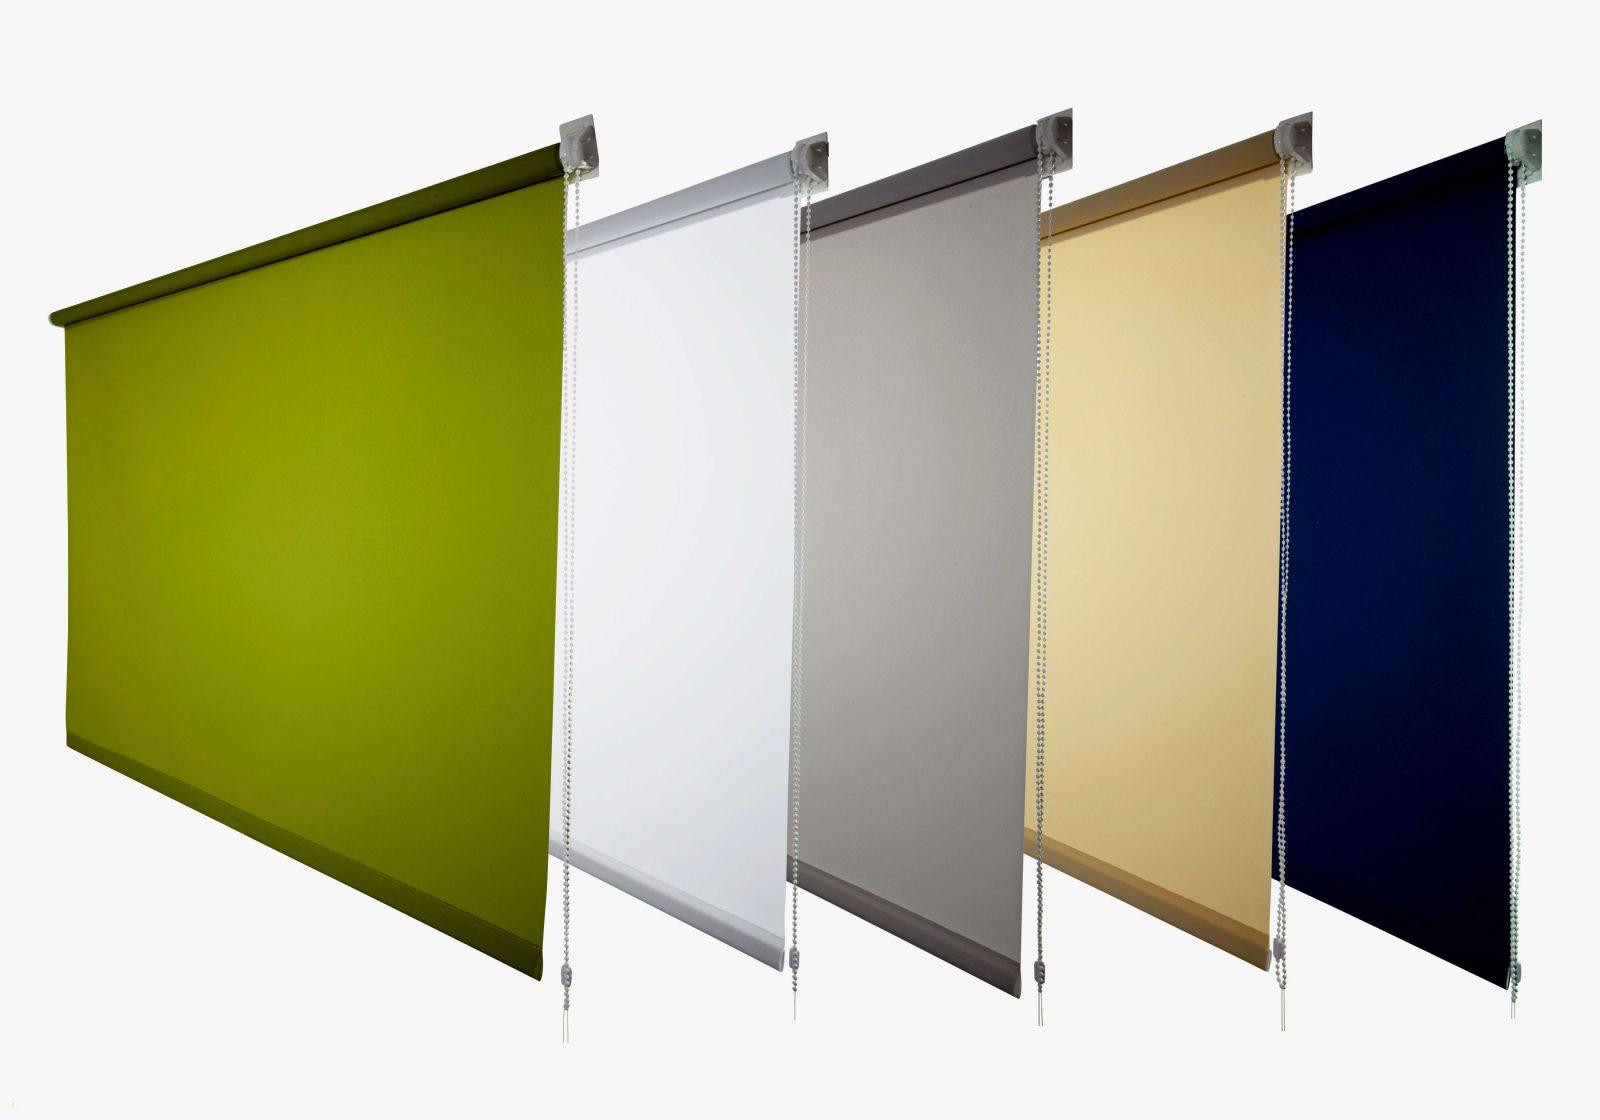 59 Einzigartig Für Balkon Sichtschutz Ohne Bohren Konzept von Balkon Seitensichtschutz Ohne Bohren Photo